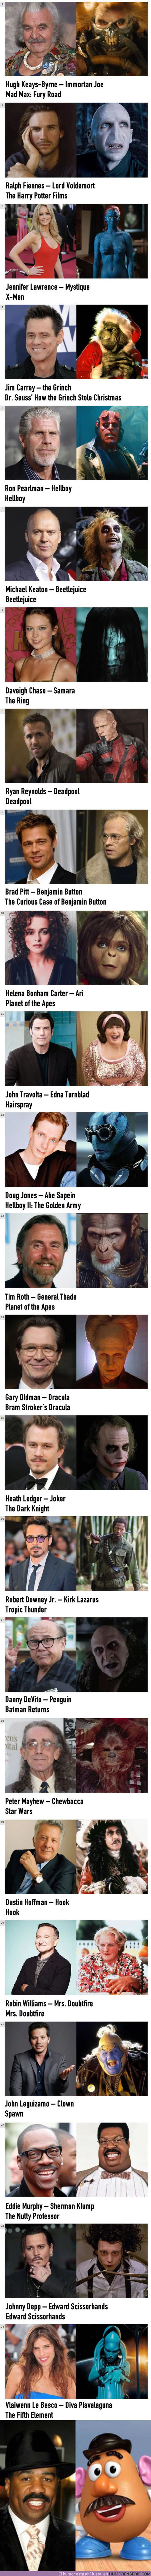 10013 - 24 transformaciones de actores dignas de Oscar